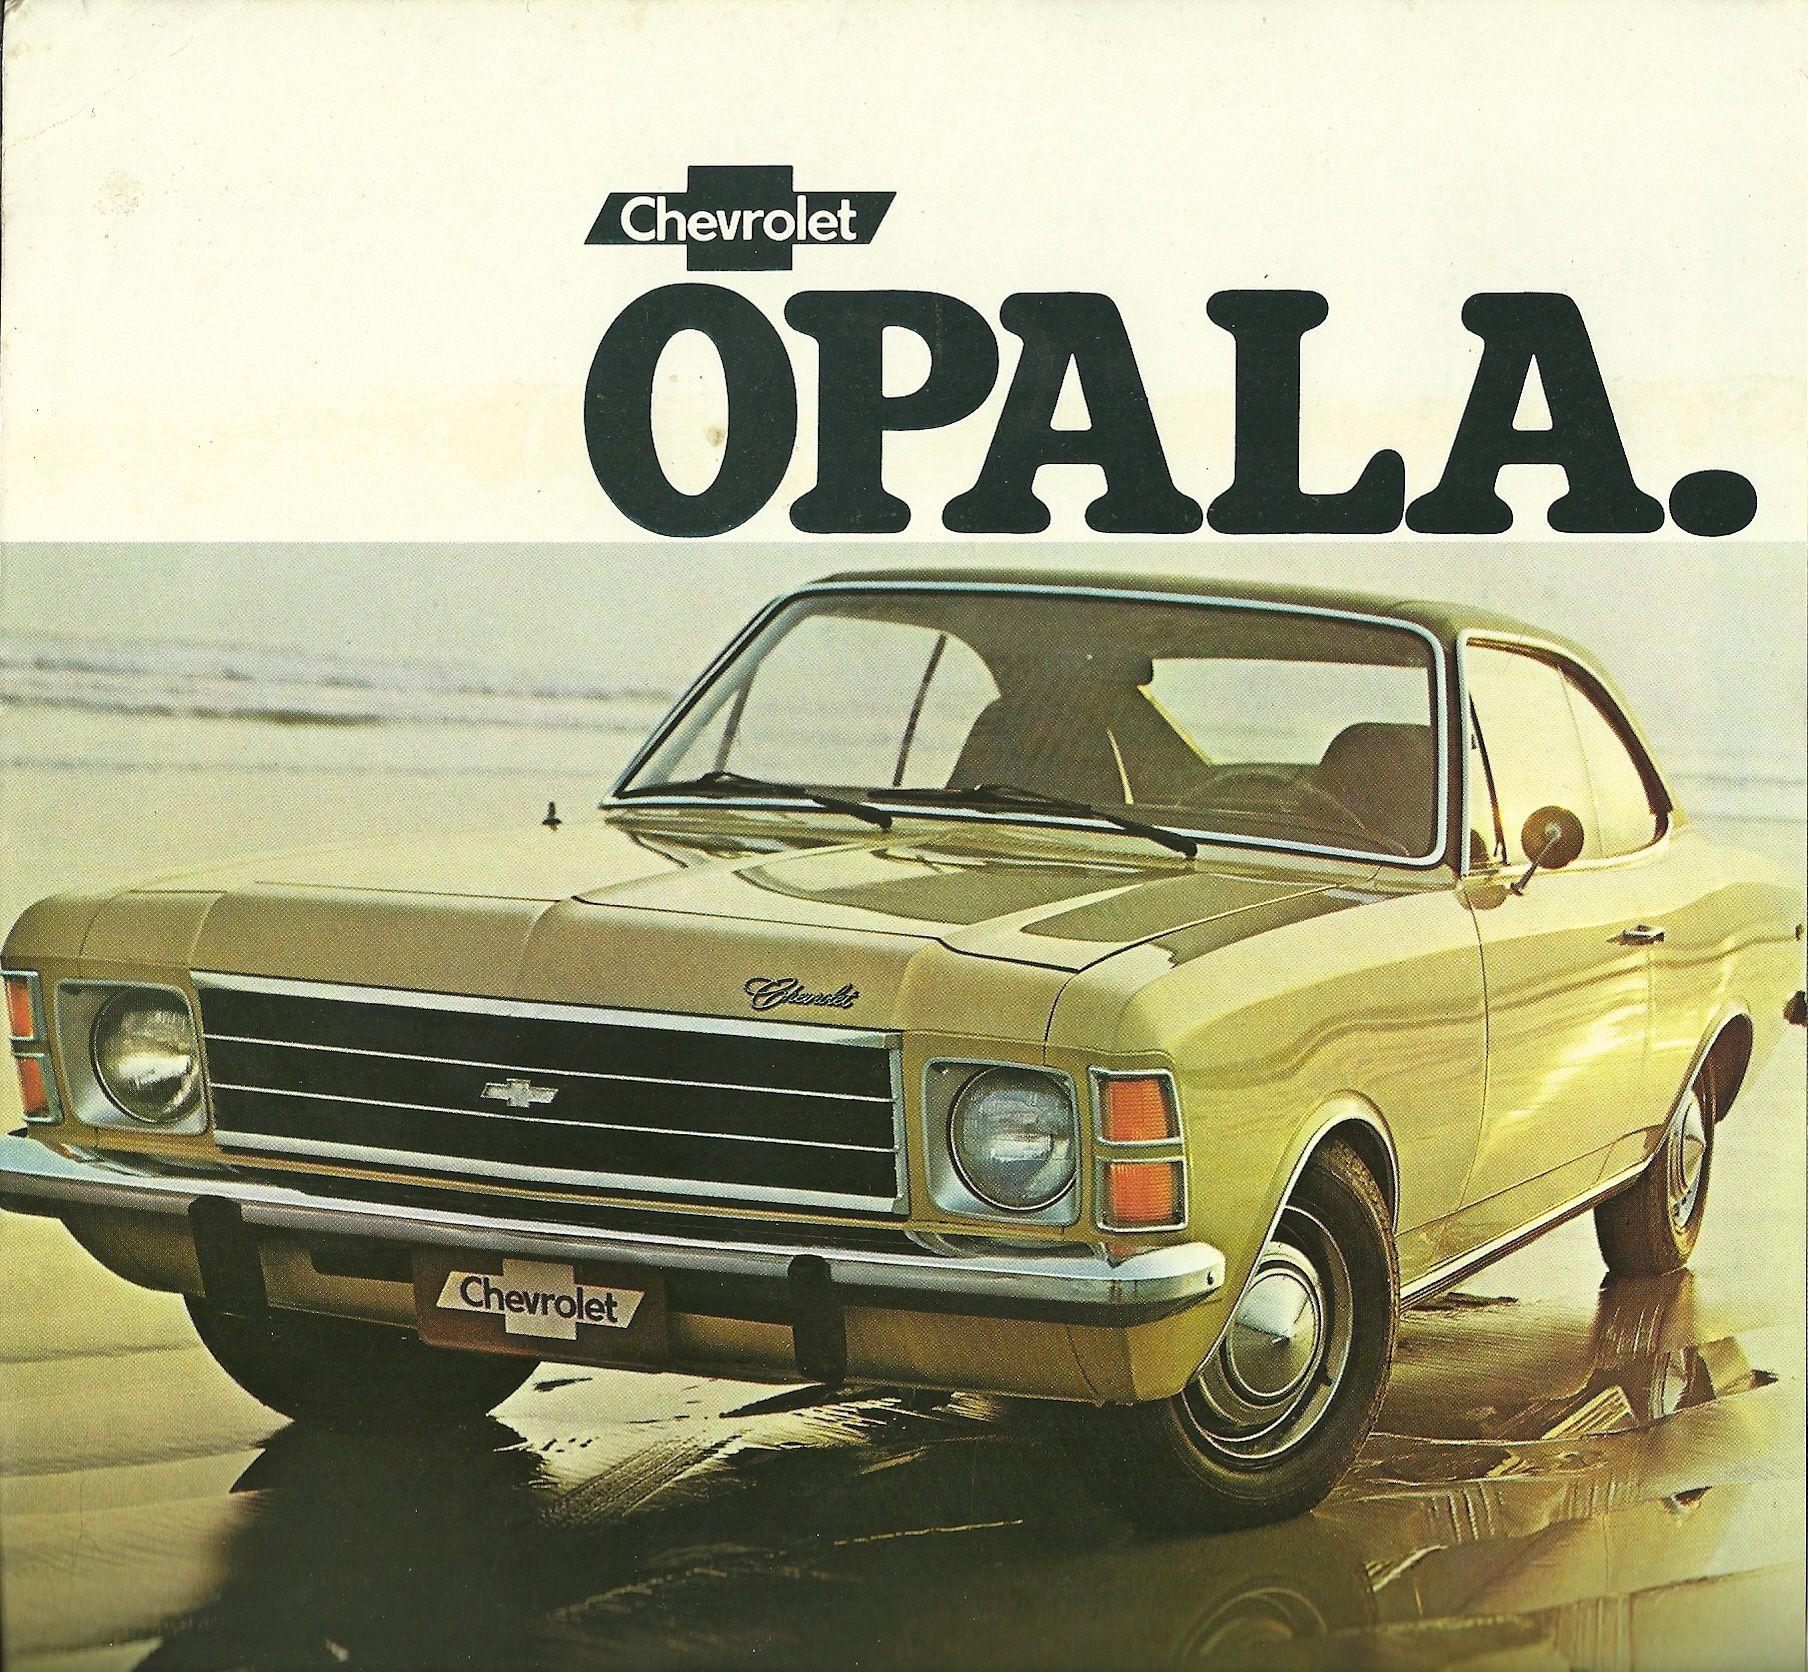 1977 Chevrolet Opala Brasil Desenhos De Carros Desenhos De